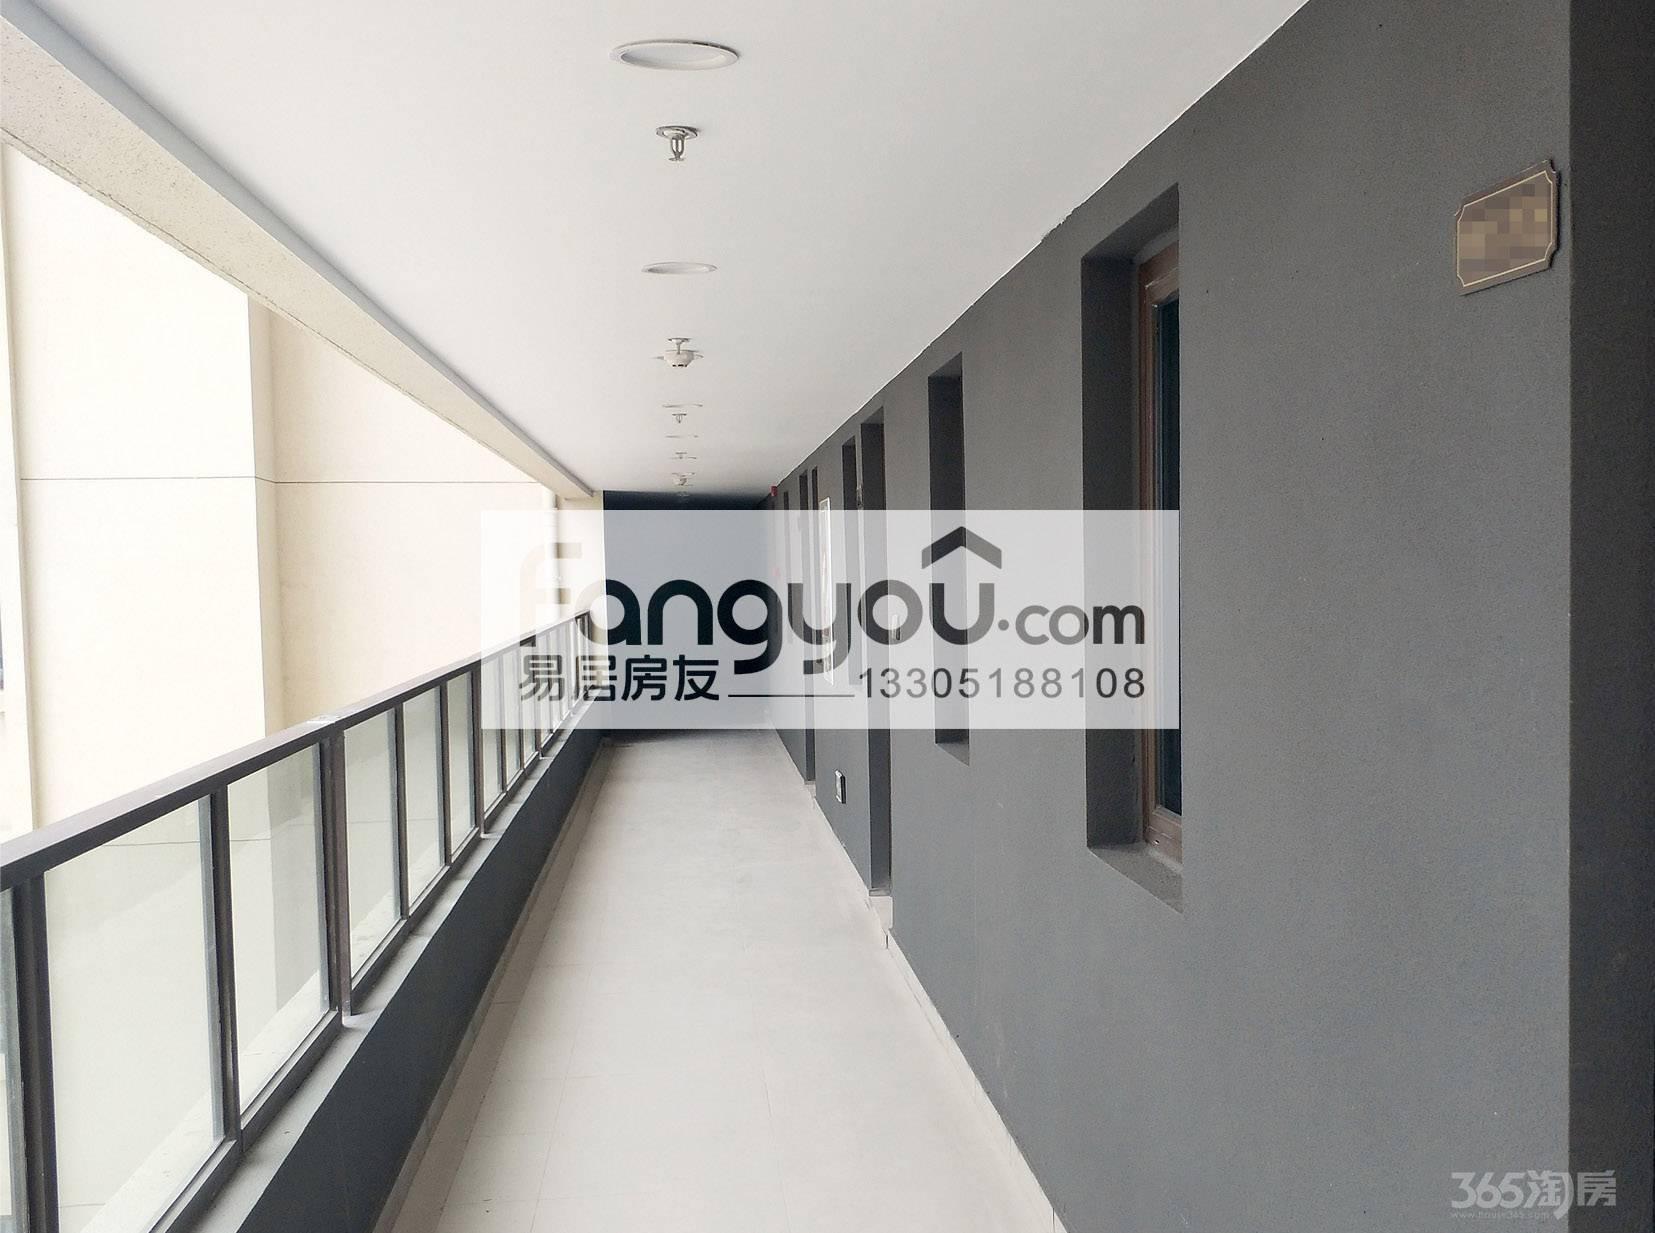 新上 南站万科大都会68平商办双钥匙精装平层公寓 自住出租均可